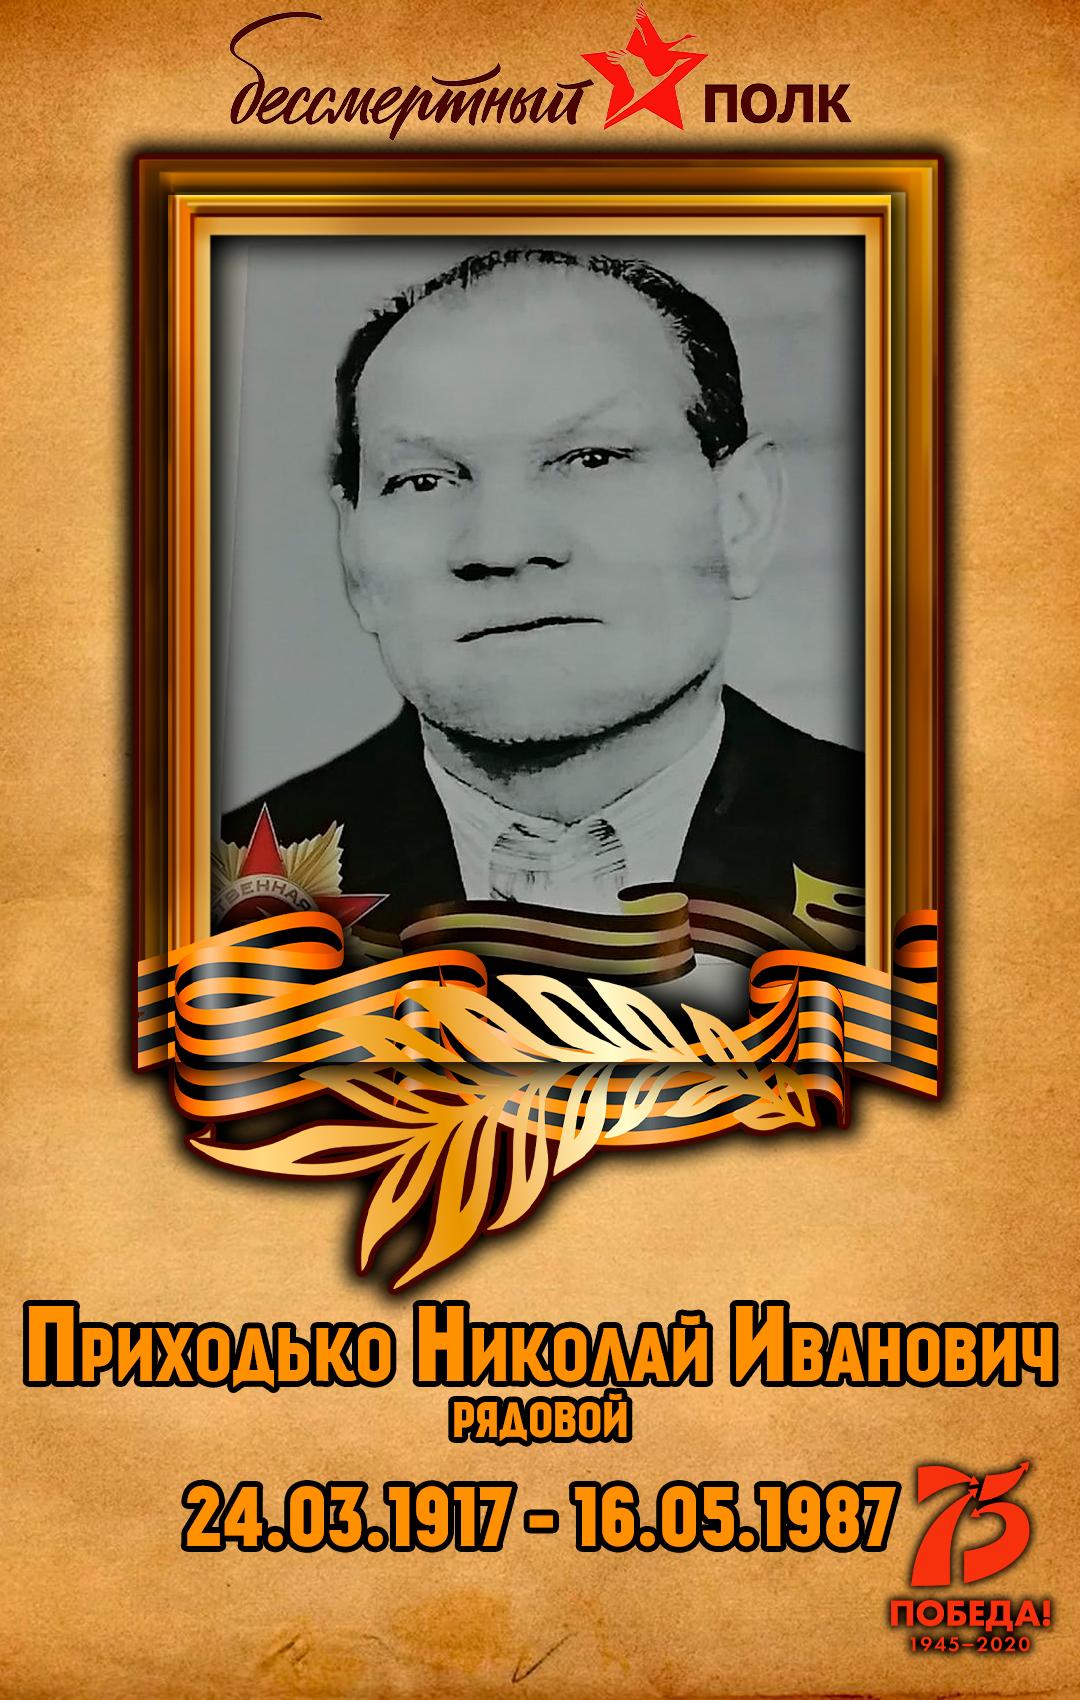 Приходько-Николай-Иванович